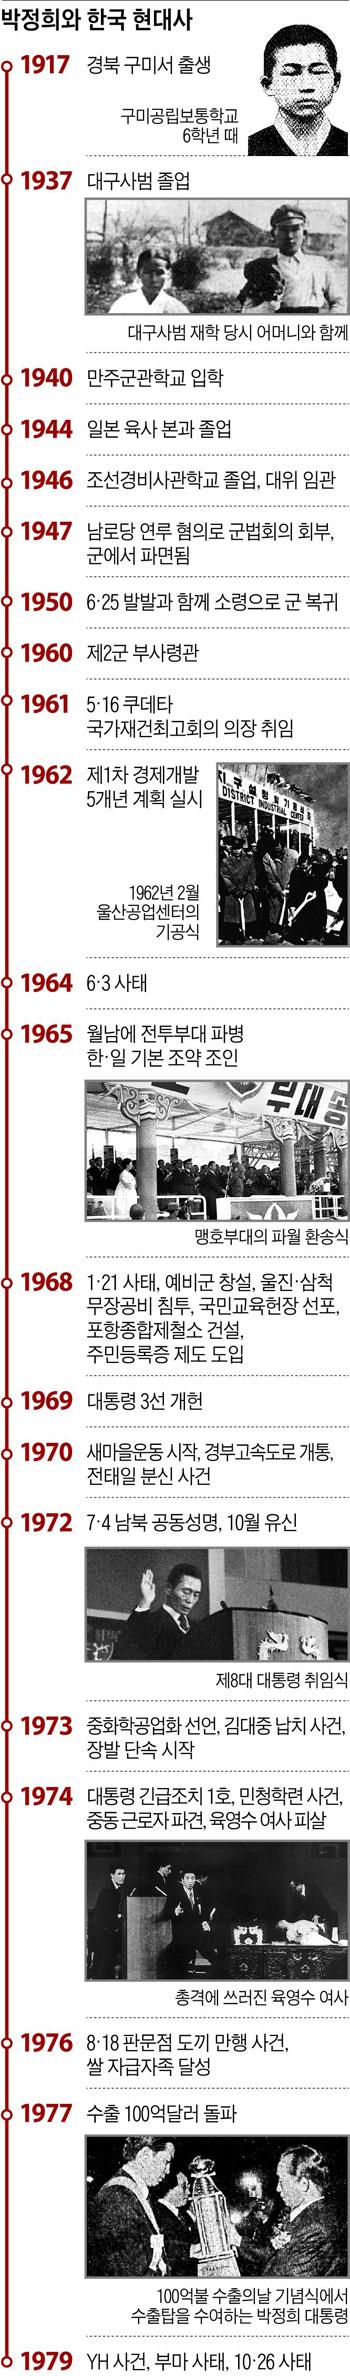 박정희와 한국 현대사